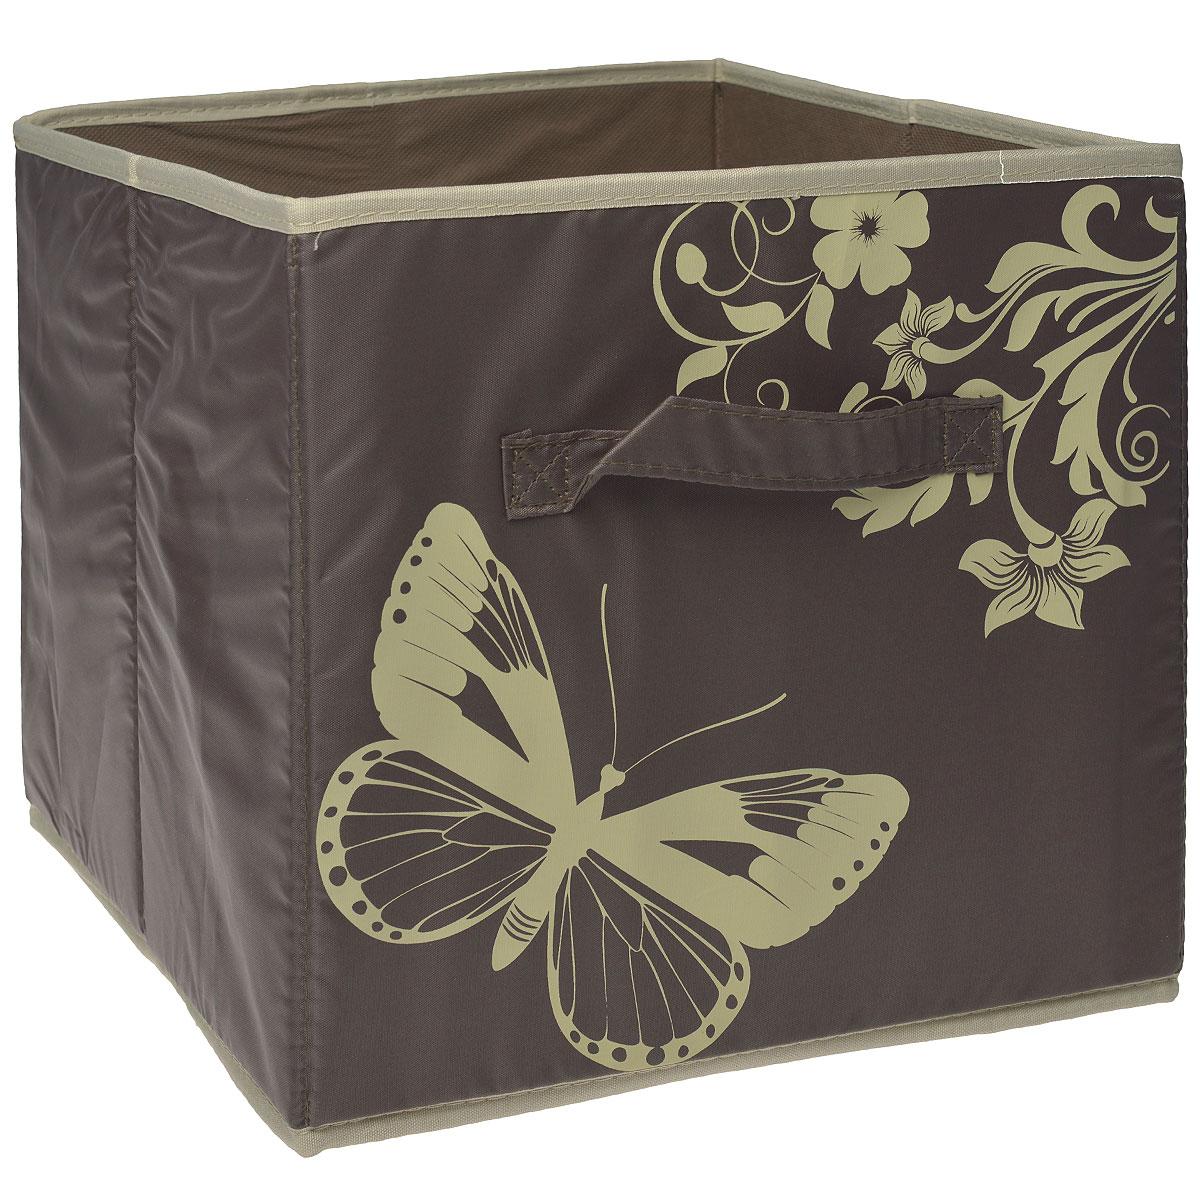 Ящик для хранения Hausmann, без крышки, цвет: коричневый, 31 x 34 x 29,5 см4P-108Ящик для хранения Hausmann выполнен из высококачественного нетканого волокна и полиэстера и декорирован изображением бабочек. Во внутрь стенок вставлен плотный картон, благодаря которому ящик сохраняет свою форму. Особая конструкция позволяет при необходимости быстро сложить или разложить ящик. Такой ящик сэкономит место и сохранит порядок в доме. Материал: нетканое волокно, полиэстер, картон.